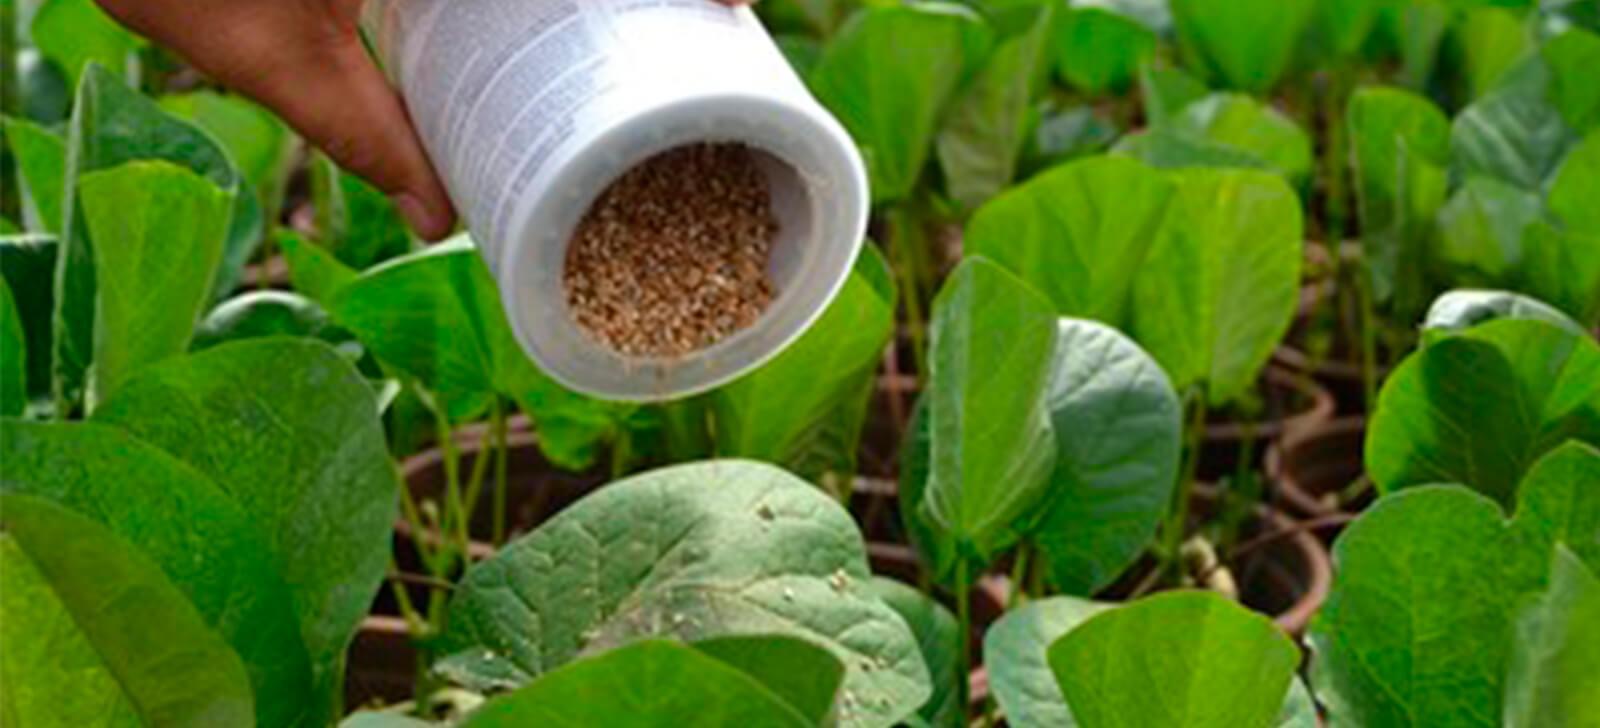 promip manejo integrado de pragas controle biologico engenheiros agronomos final (1)